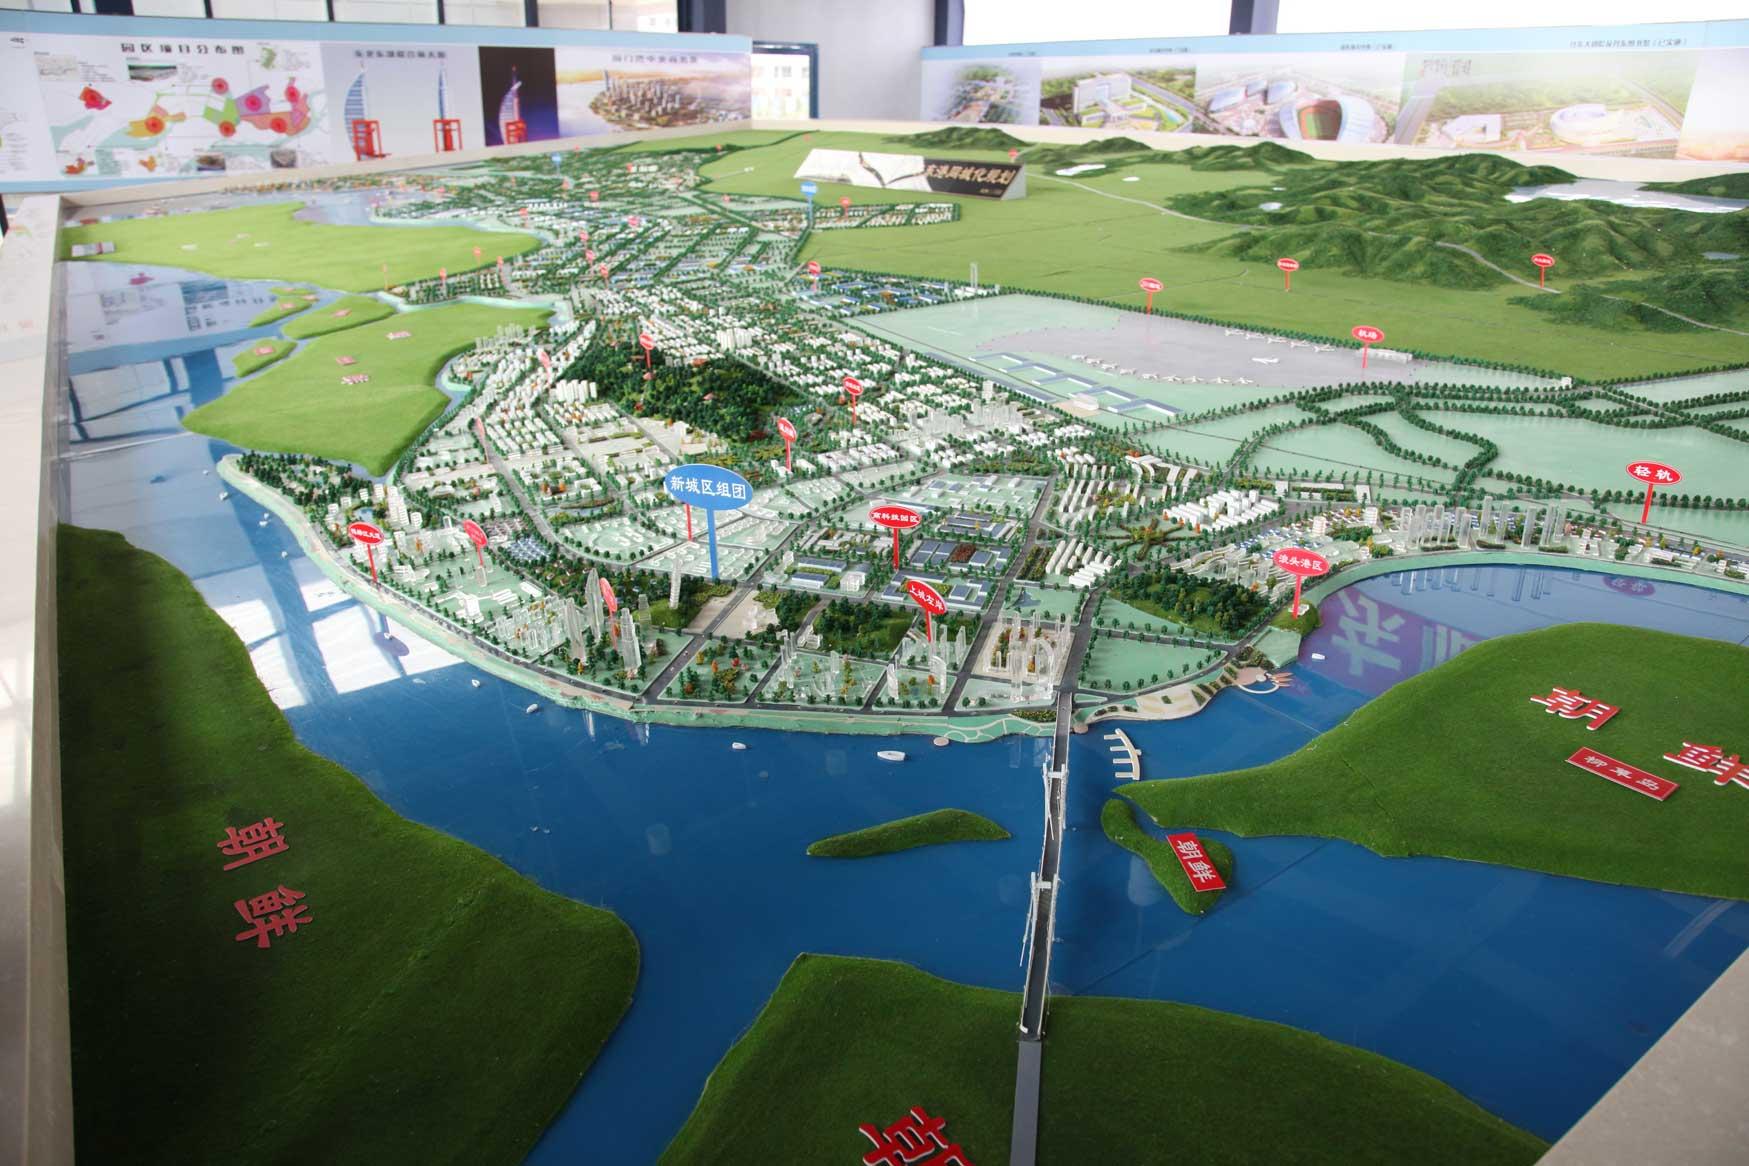 中国の地方開発はどこでもこんな感じです(まちづくりの観念は欠落。不動産販売が優先)_b0235153_17412643.jpg